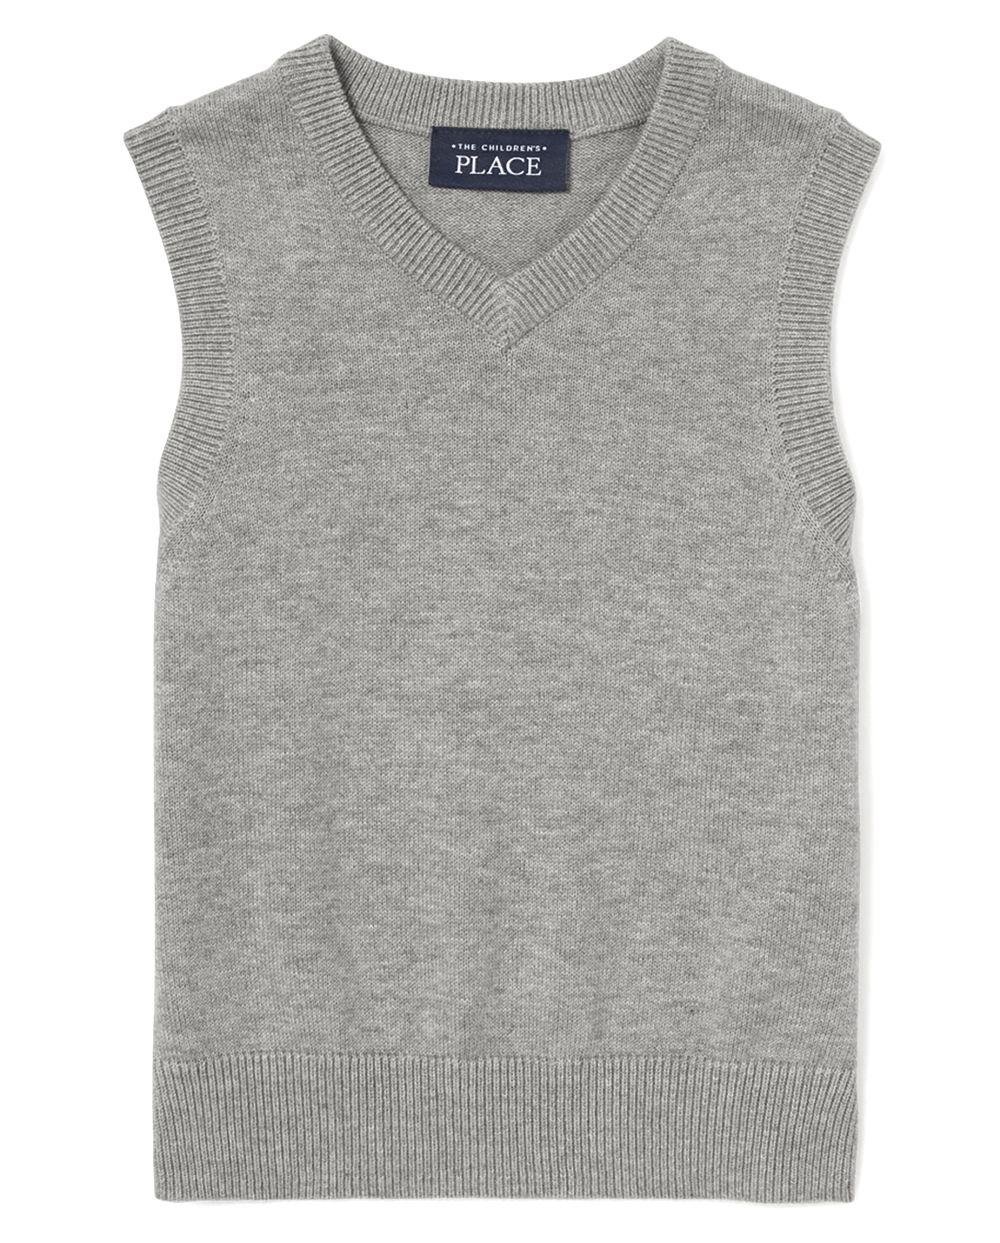 Toddler Boys Uniform V-Neck Sweater Vest